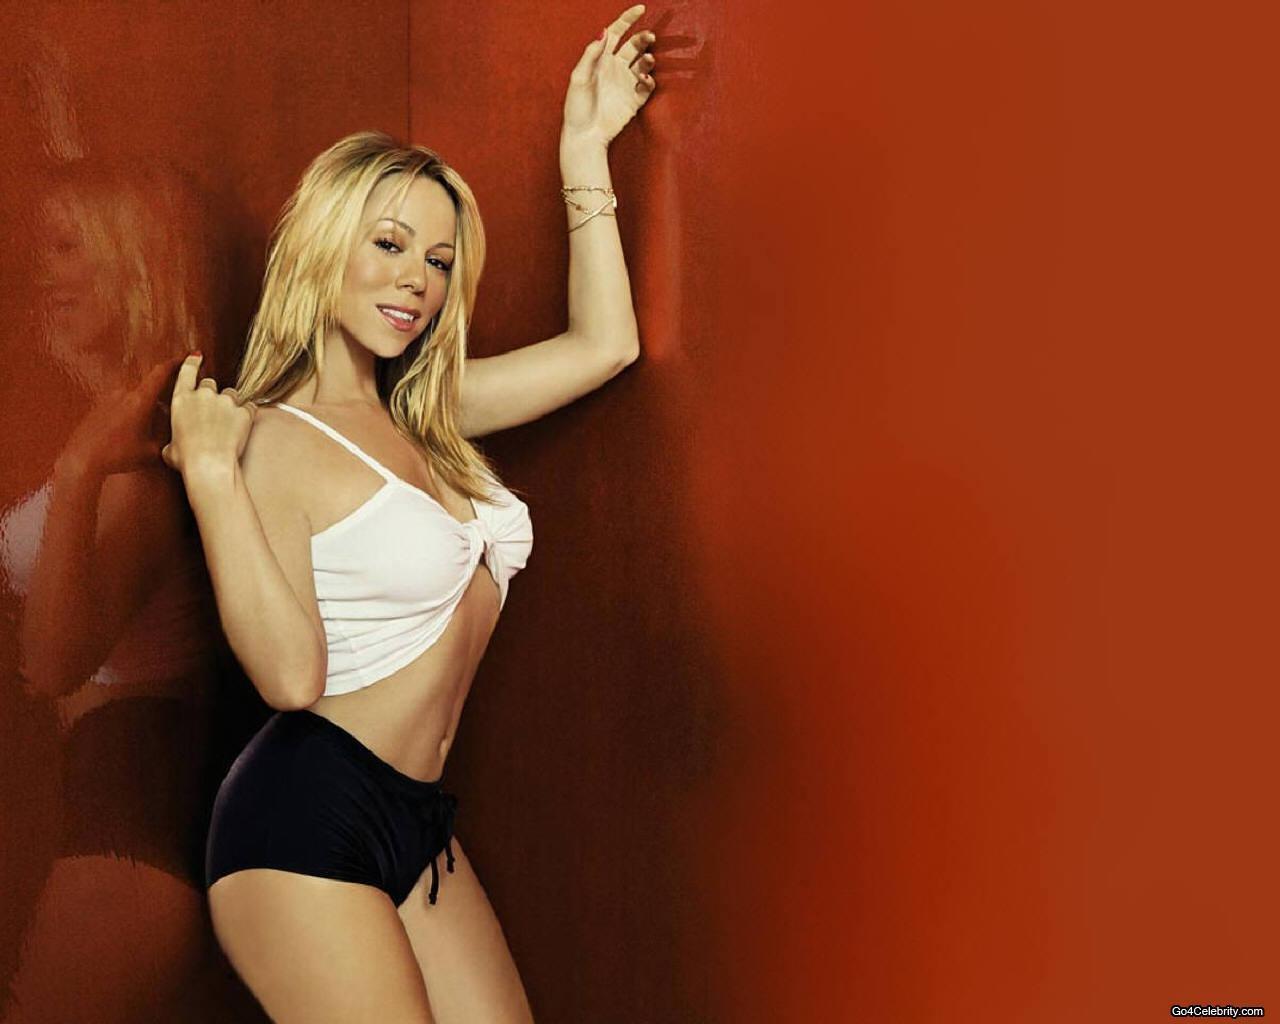 http://3.bp.blogspot.com/-vjWbbGkdpxg/T6w8yOFSw9I/AAAAAAAAA3U/u6YC_HmYIN4/s1600/Mariah-Carey-mariah-carey-4103492-1280-1024.jpg